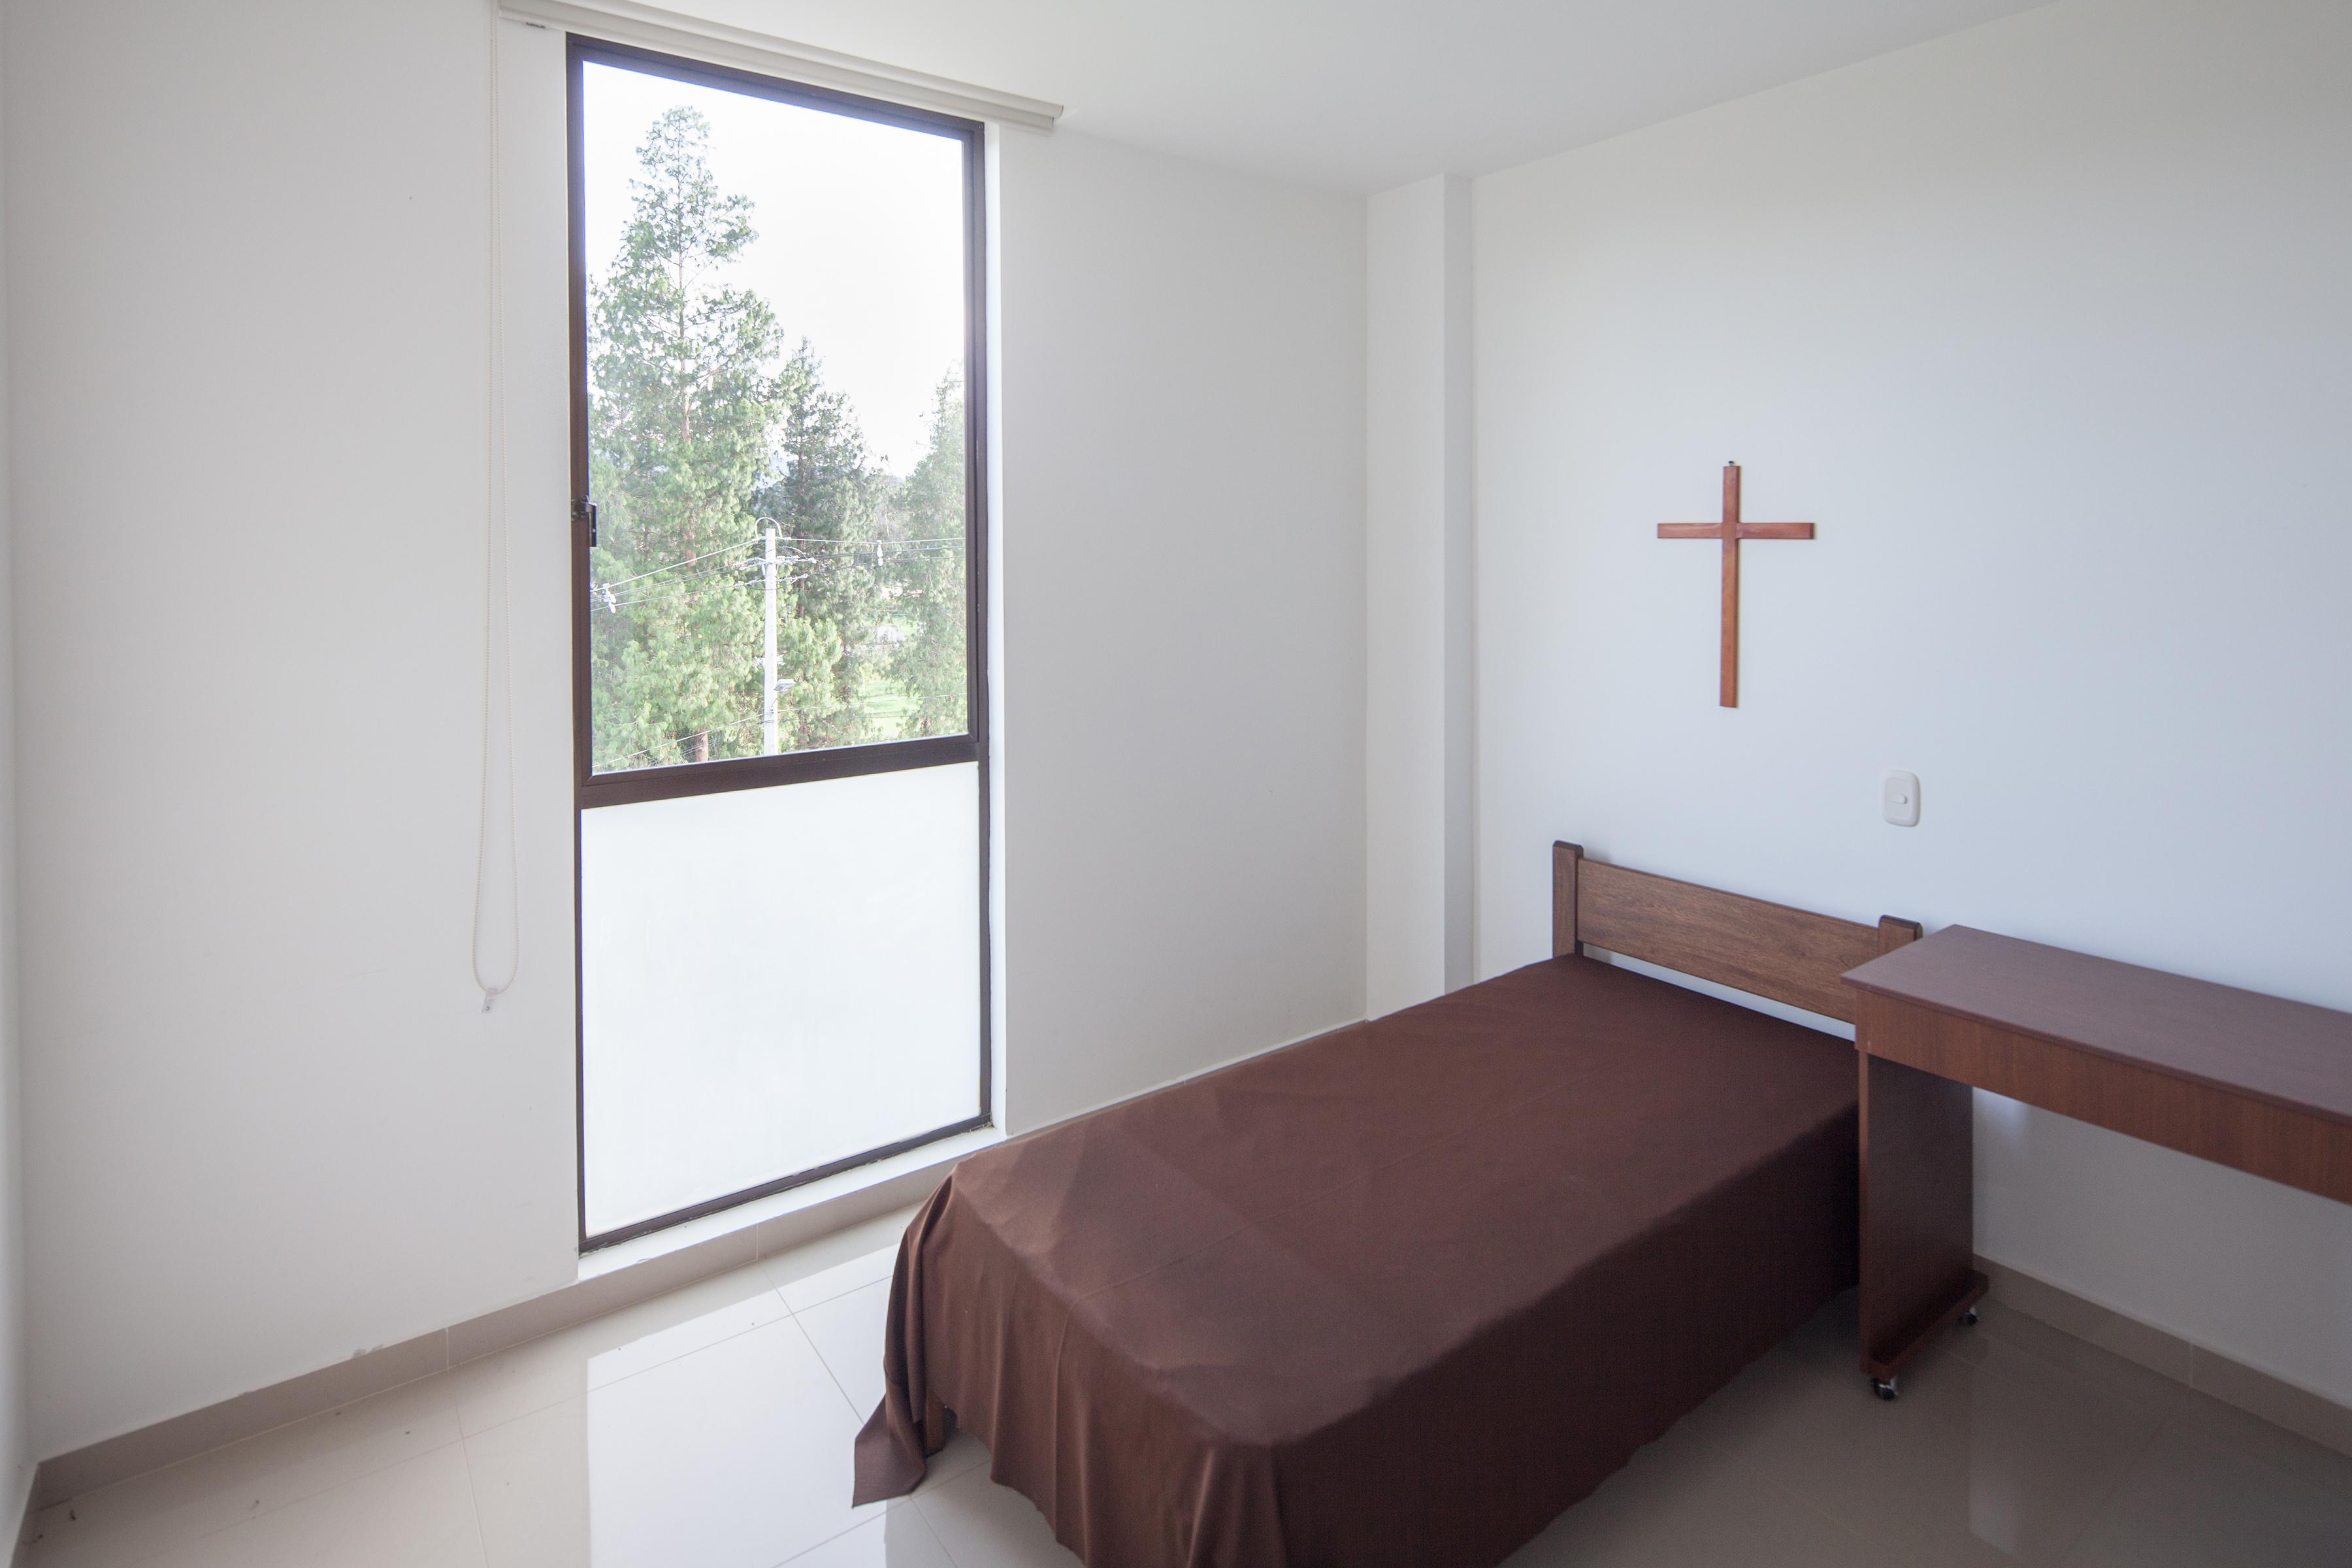 012-Dormitorio_Sergio_Gómez_copy